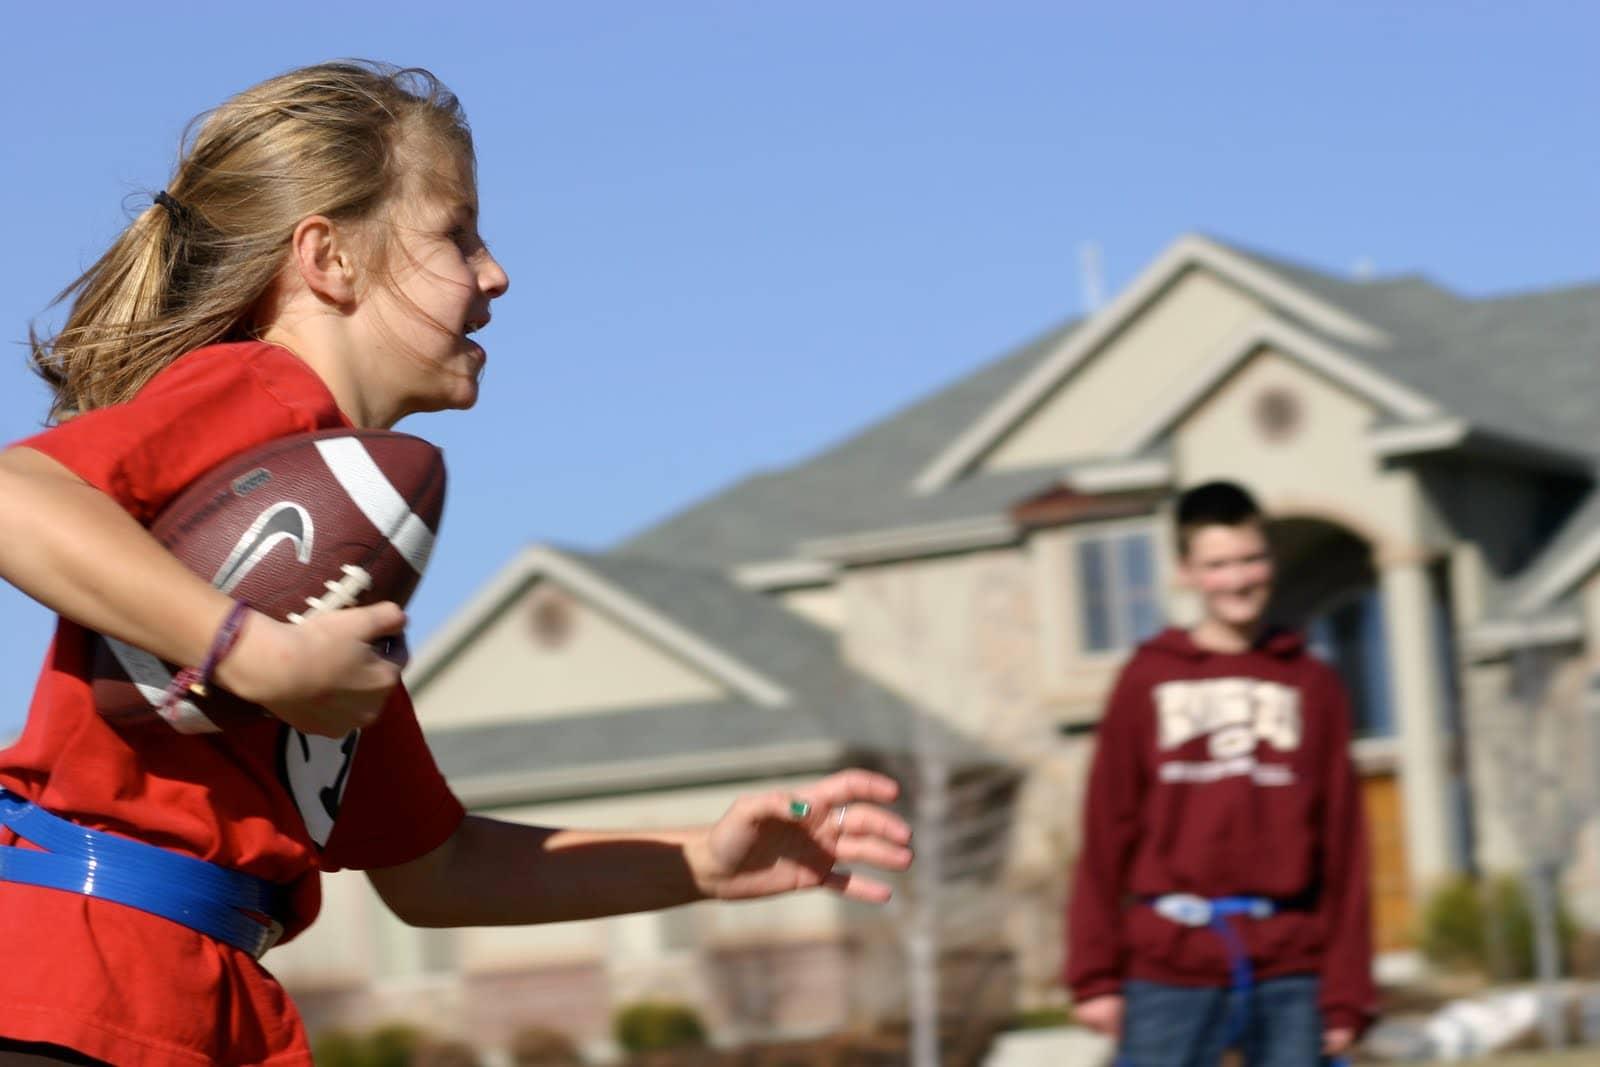 playing flag football